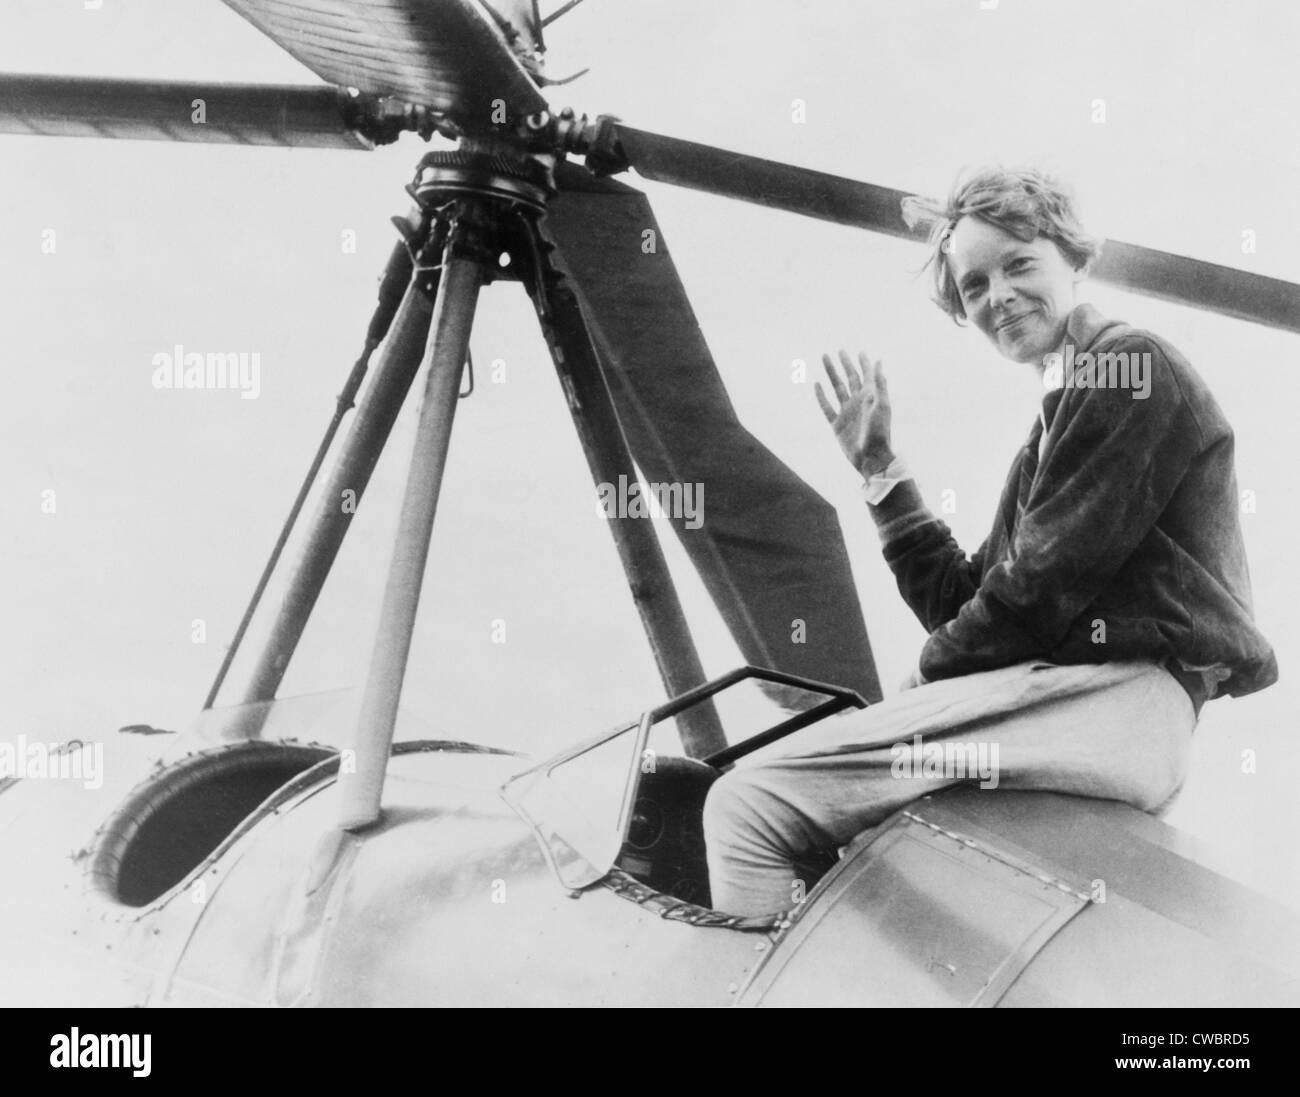 Amelia Earhart (1897-1937), agitando, seduto pozzetto esterno sulla parte superiore di un autogiro, a Los Angeles, Immagini Stock